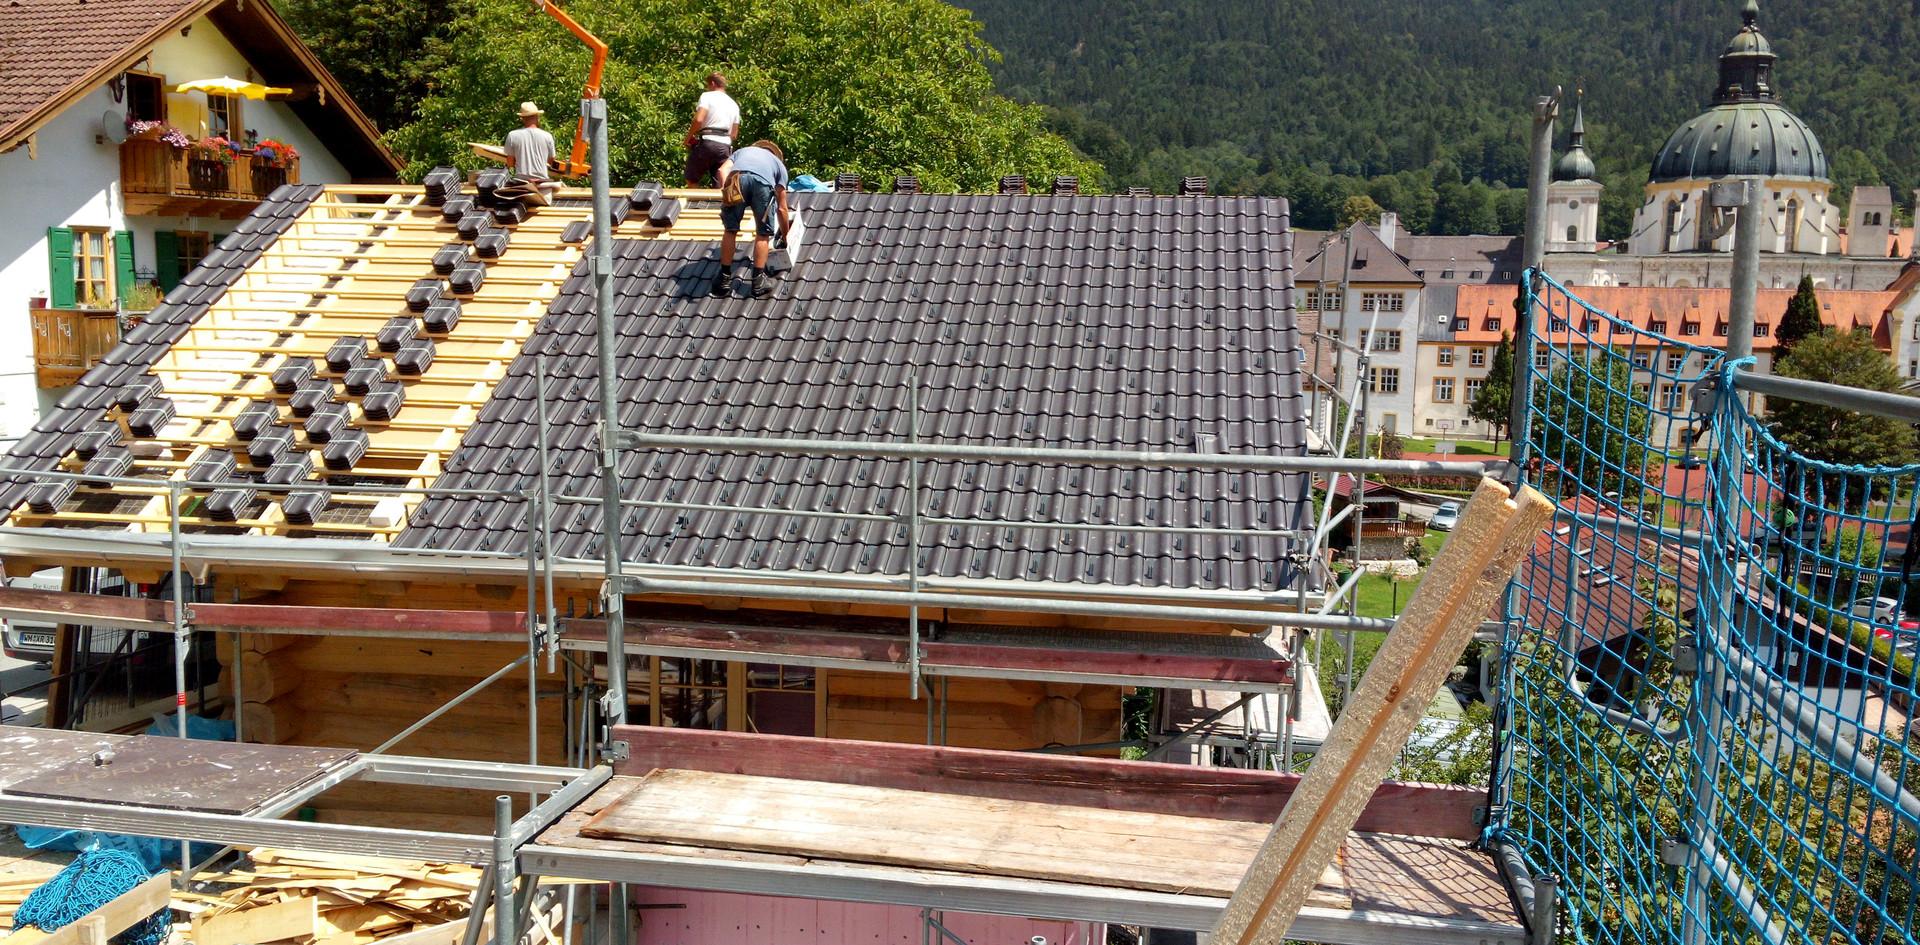 Dacheindeckung | Gebrüder Eicher GmbH